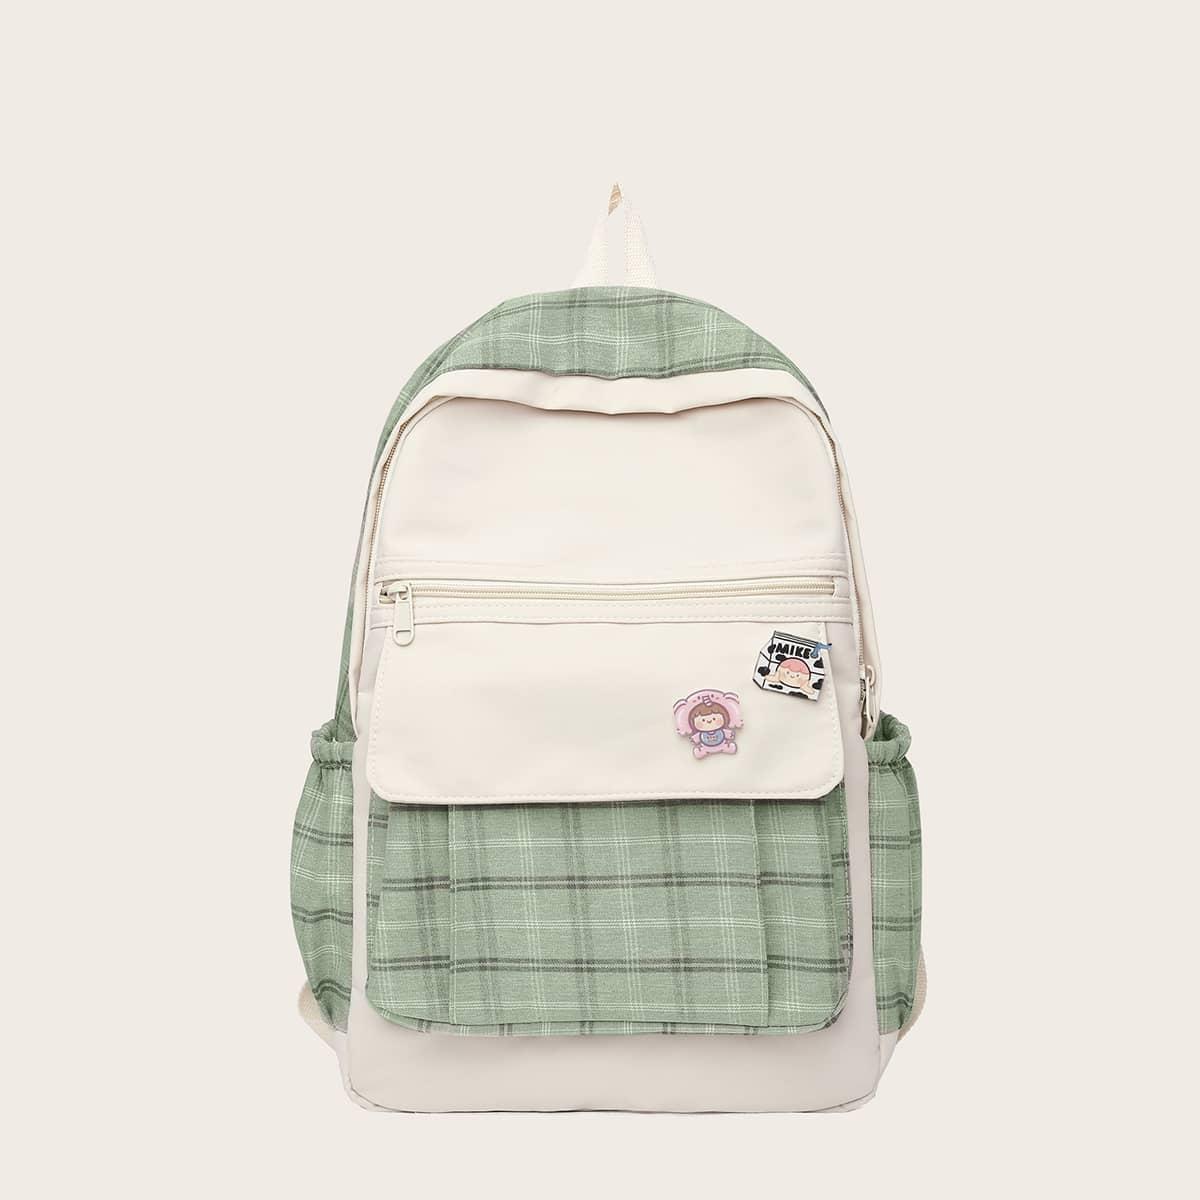 Детский рюкзак с мультипликационным декором в клетку SheIn sk2107306481817855